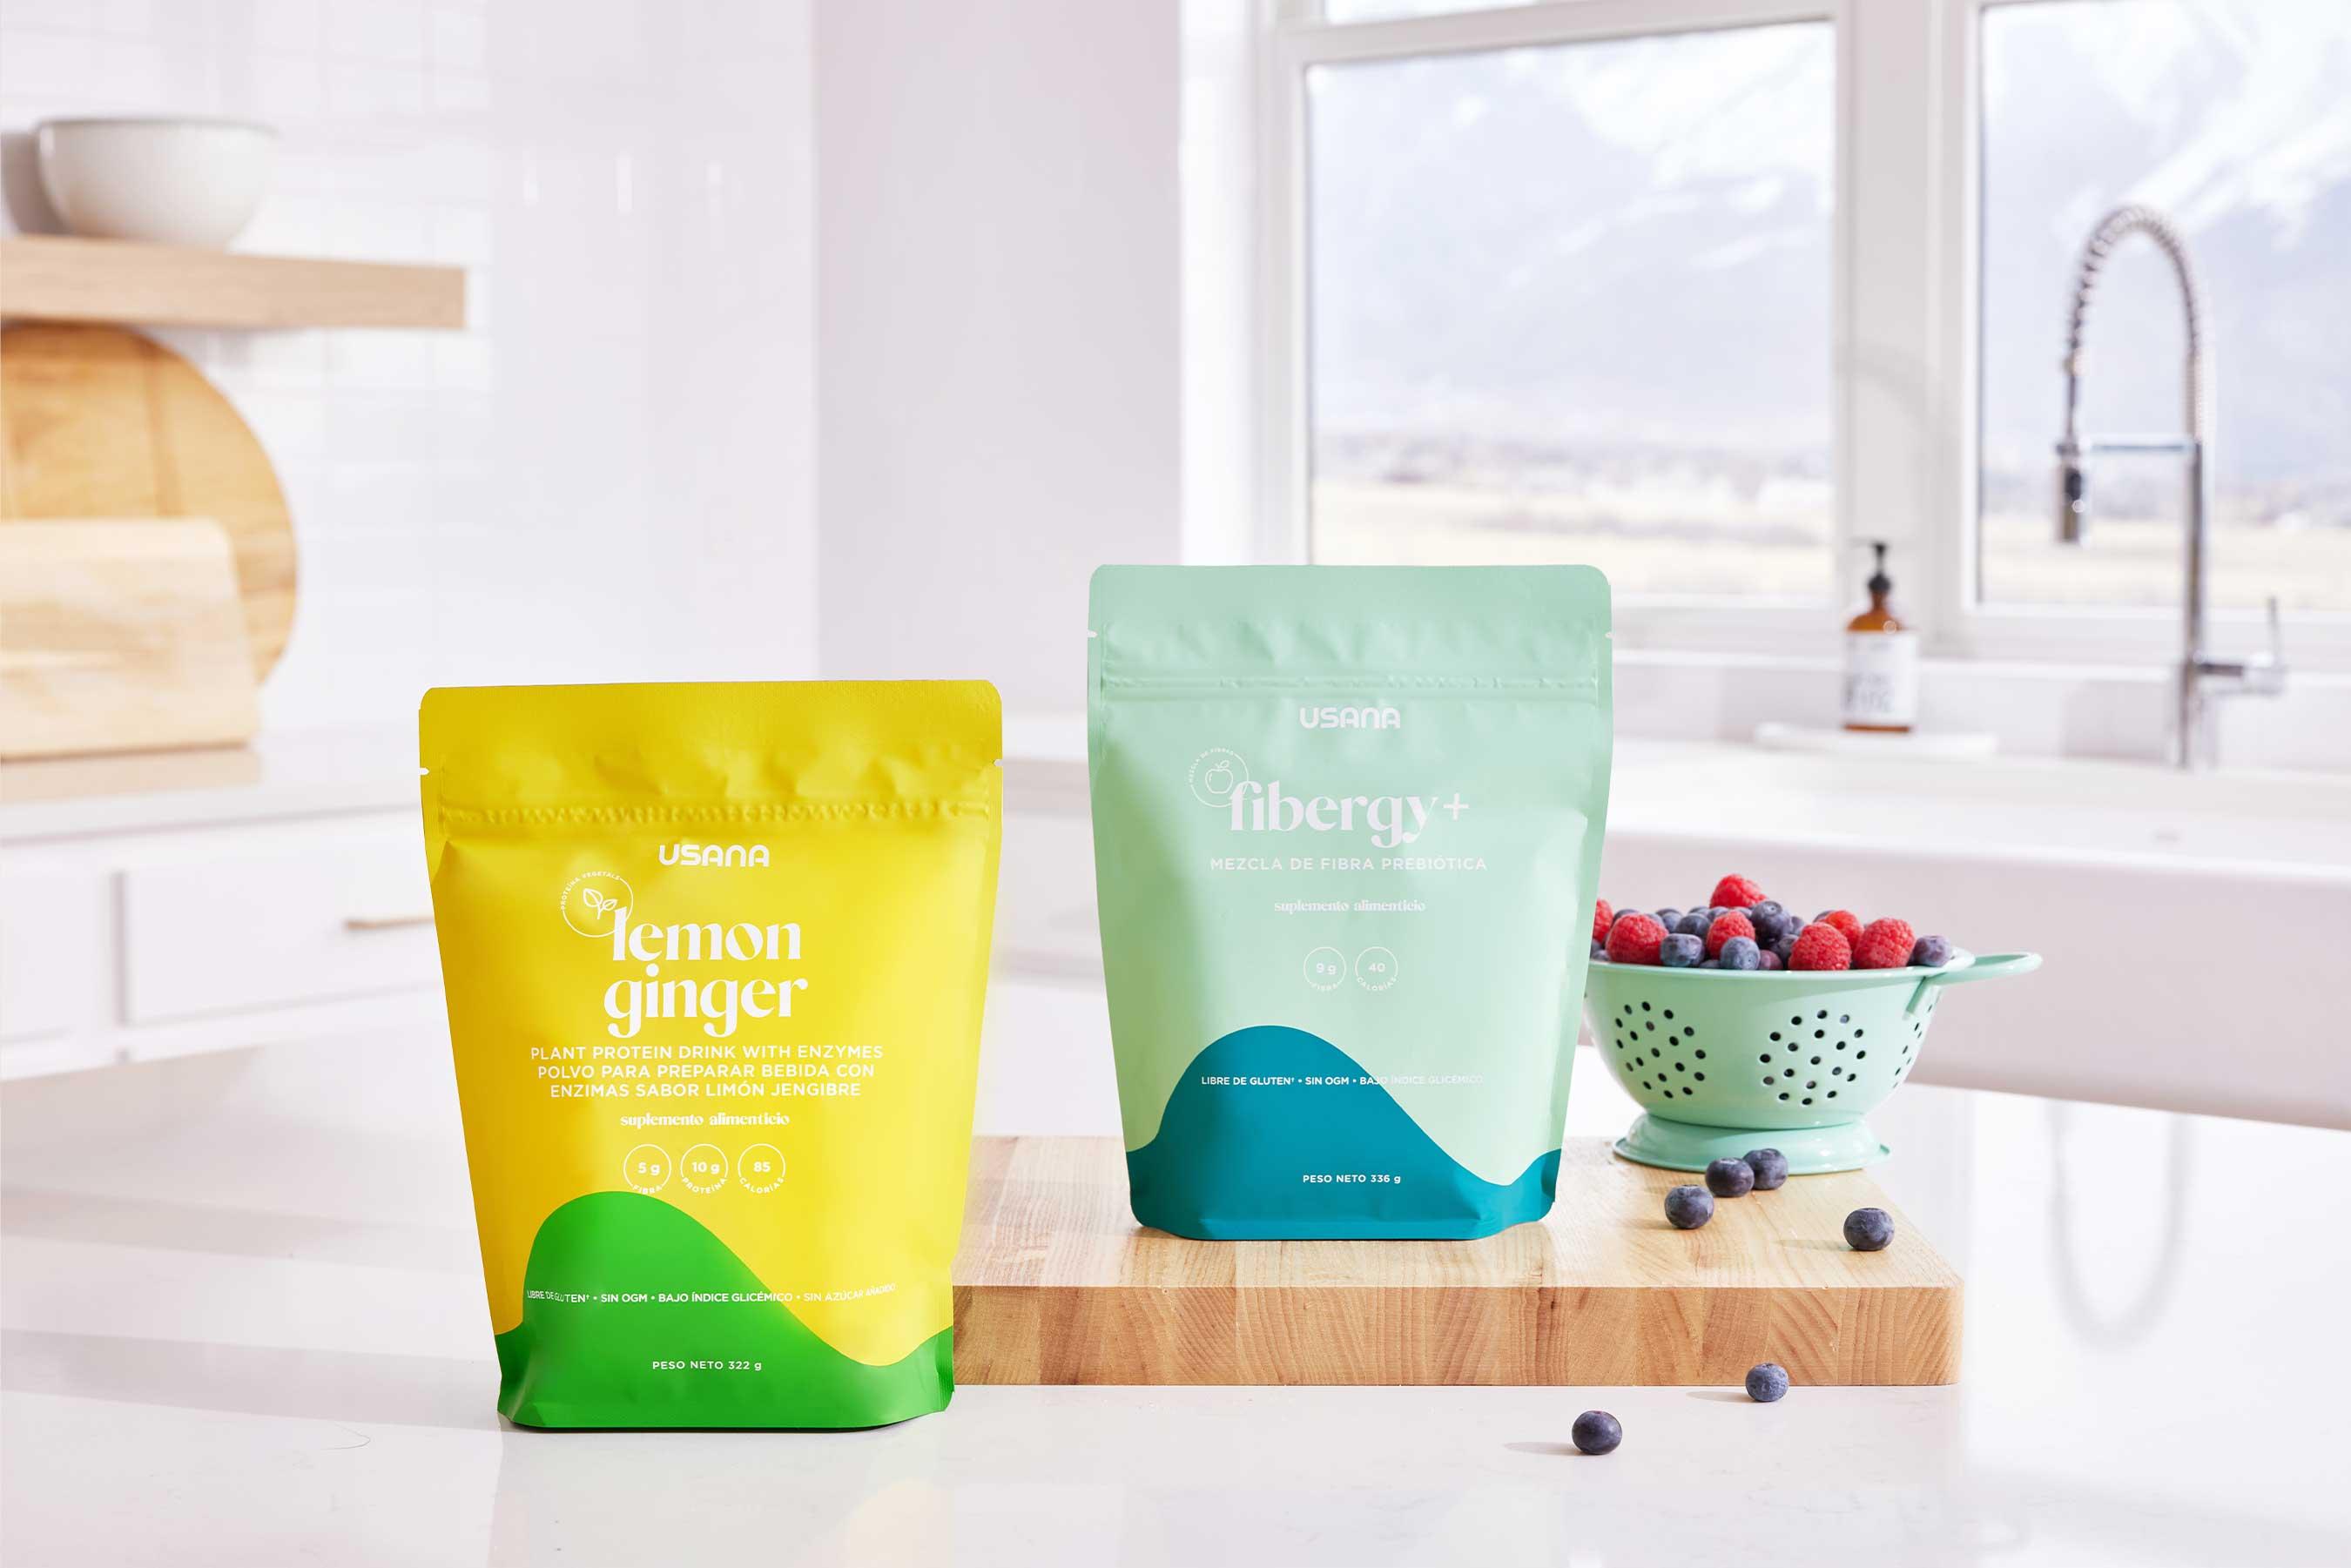 Presentación de la nueva línea USANA AN: cinco productos sustentados científicamente para la salud de todo el cuerpo